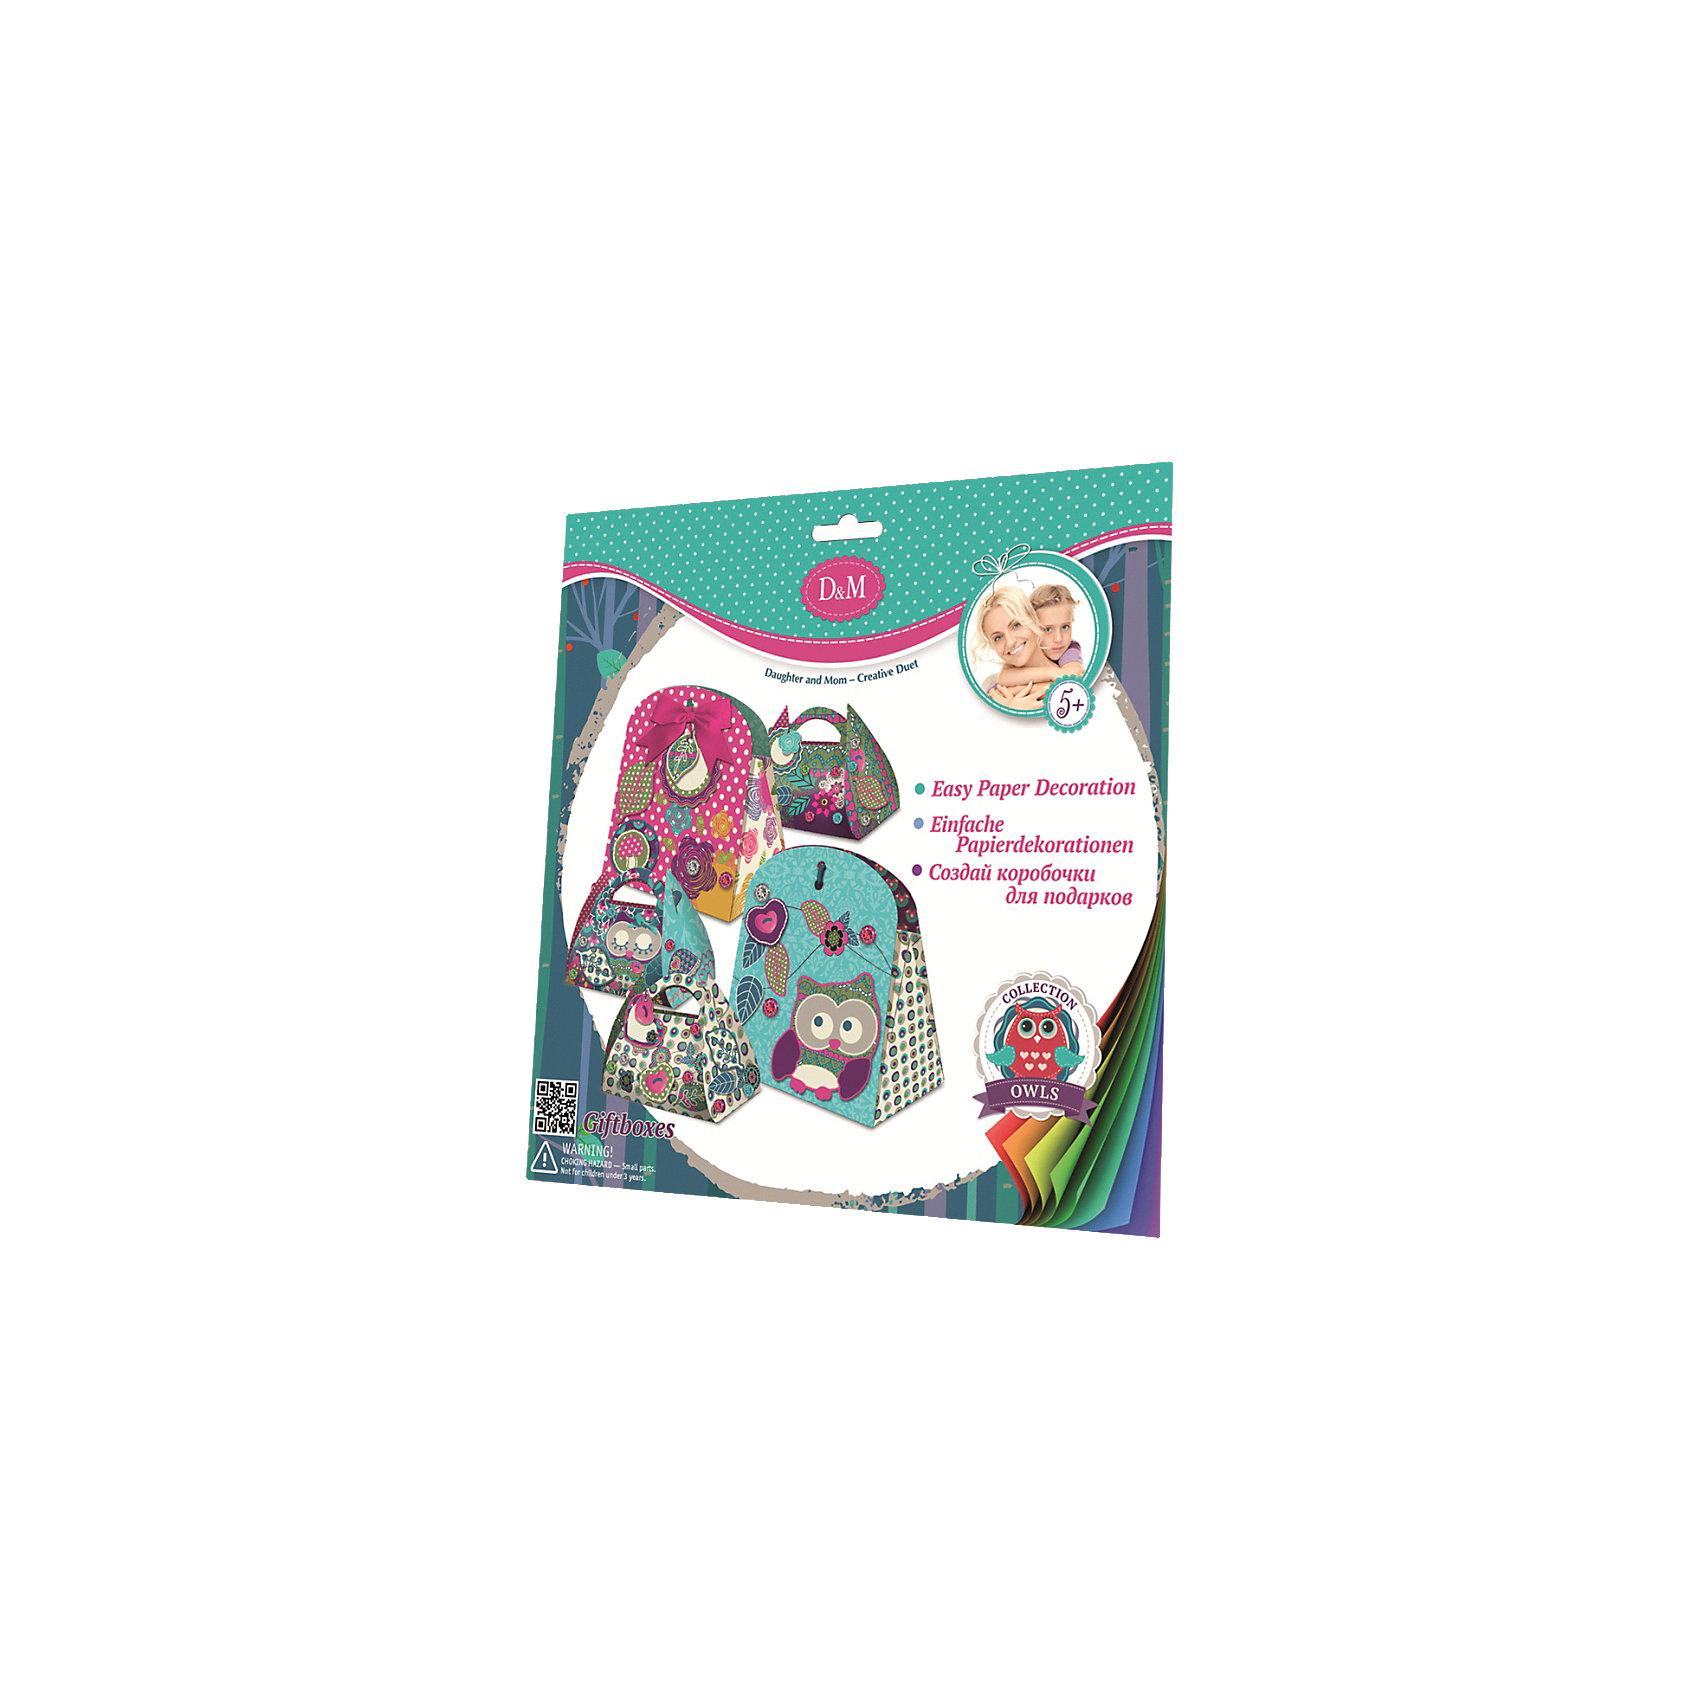 Набор  подарочных коробочек СовыПринадлежности для творчества<br>Оригинальный набор «Совы» поможет самостоятельно сделать симпатичные бумажные коробочки. Они станут отличной упаковкой для подарка, а увлекательный процесс их изготовления заинтересует не только детей но и их родителей.<br><br>Дополнительная информация:<br><br>- Возраст: от 5 лет<br>- В комплекте: 5 заготовок для коробочек, 30 страз, 2 ленточки<br>- Материал: текстиль, дерево, пластик<br>- Размер упаковки: 25х24х2 см<br>- Вес: 0.16 кг<br><br>Набор подарочных коробочек Совы можно купить в нашем интернет-магазине.<br><br>Ширина мм: 250<br>Глубина мм: 5<br>Высота мм: 245<br>Вес г: 165<br>Возраст от месяцев: 60<br>Возраст до месяцев: 144<br>Пол: Женский<br>Возраст: Детский<br>SKU: 4834084